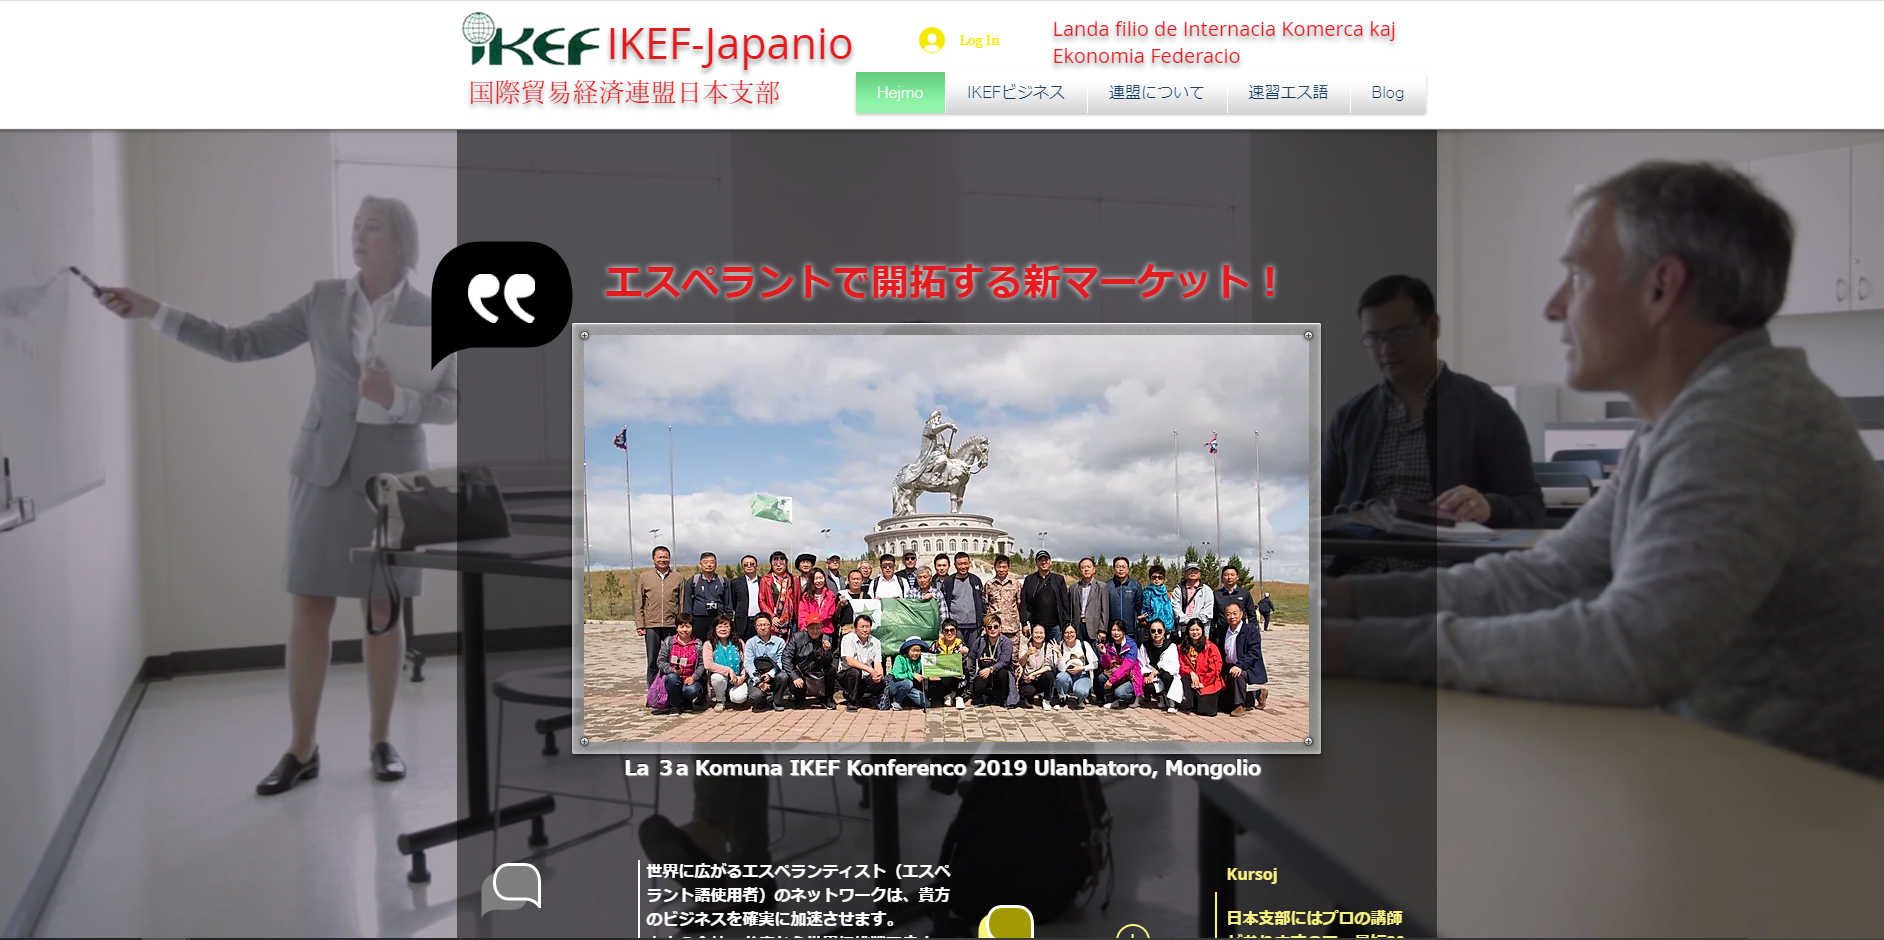 エスペラント語 学習 Esperanto por komencanto Japanio 国際貿易 ...